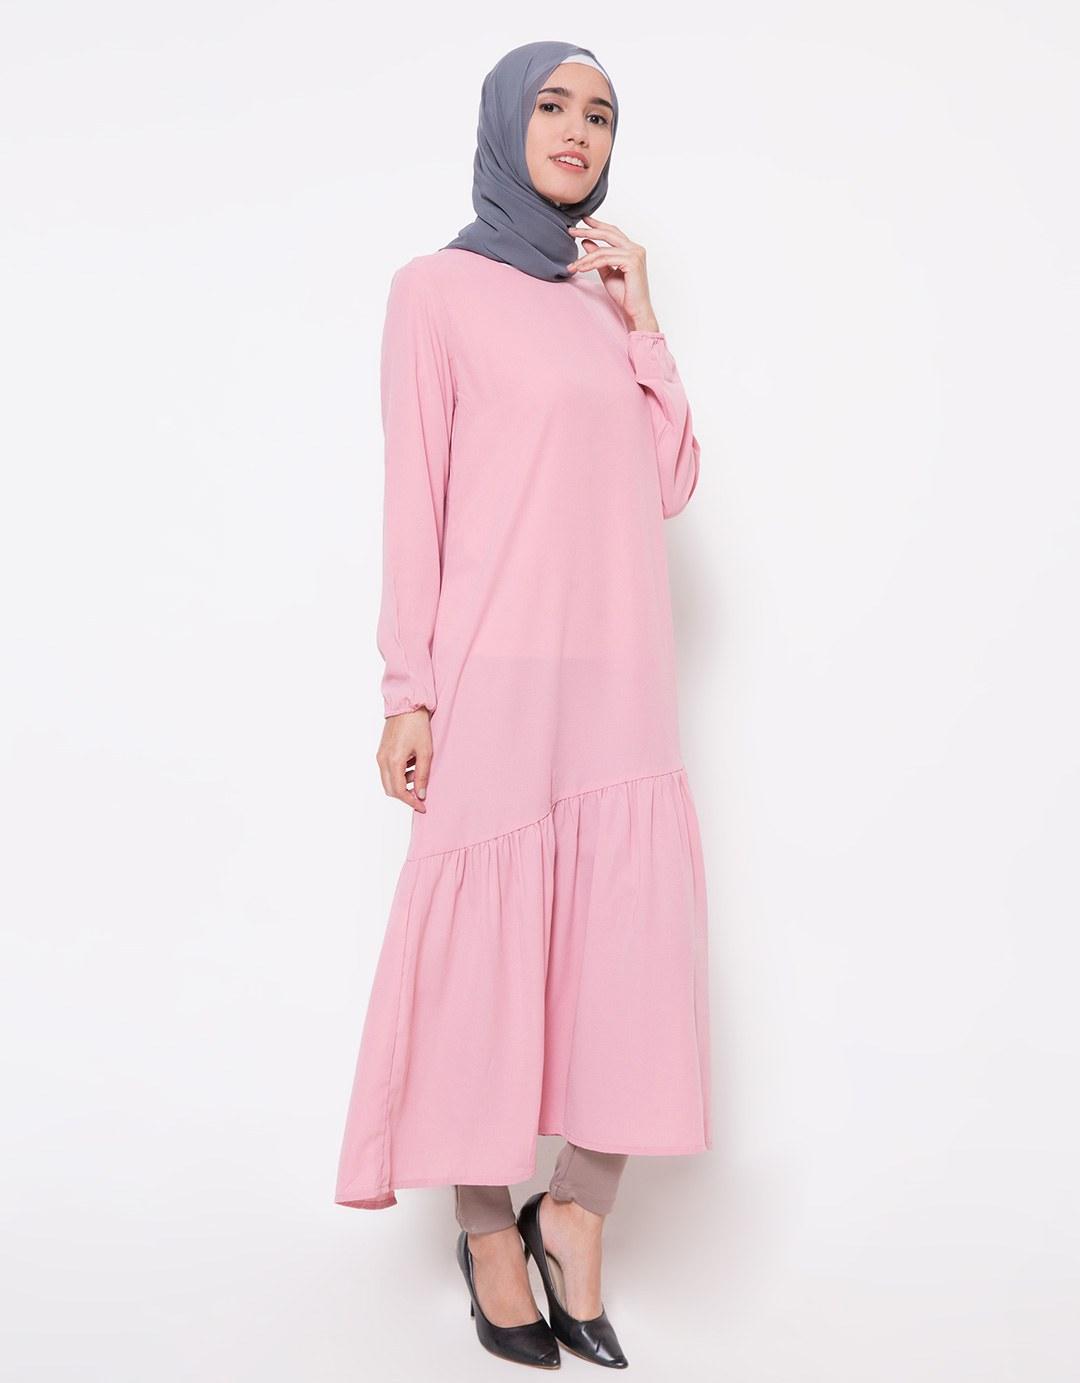 Bentuk Harga Baju Lebaran 9fdy Baju Lebaran Untuk orang Tua Gambar islami